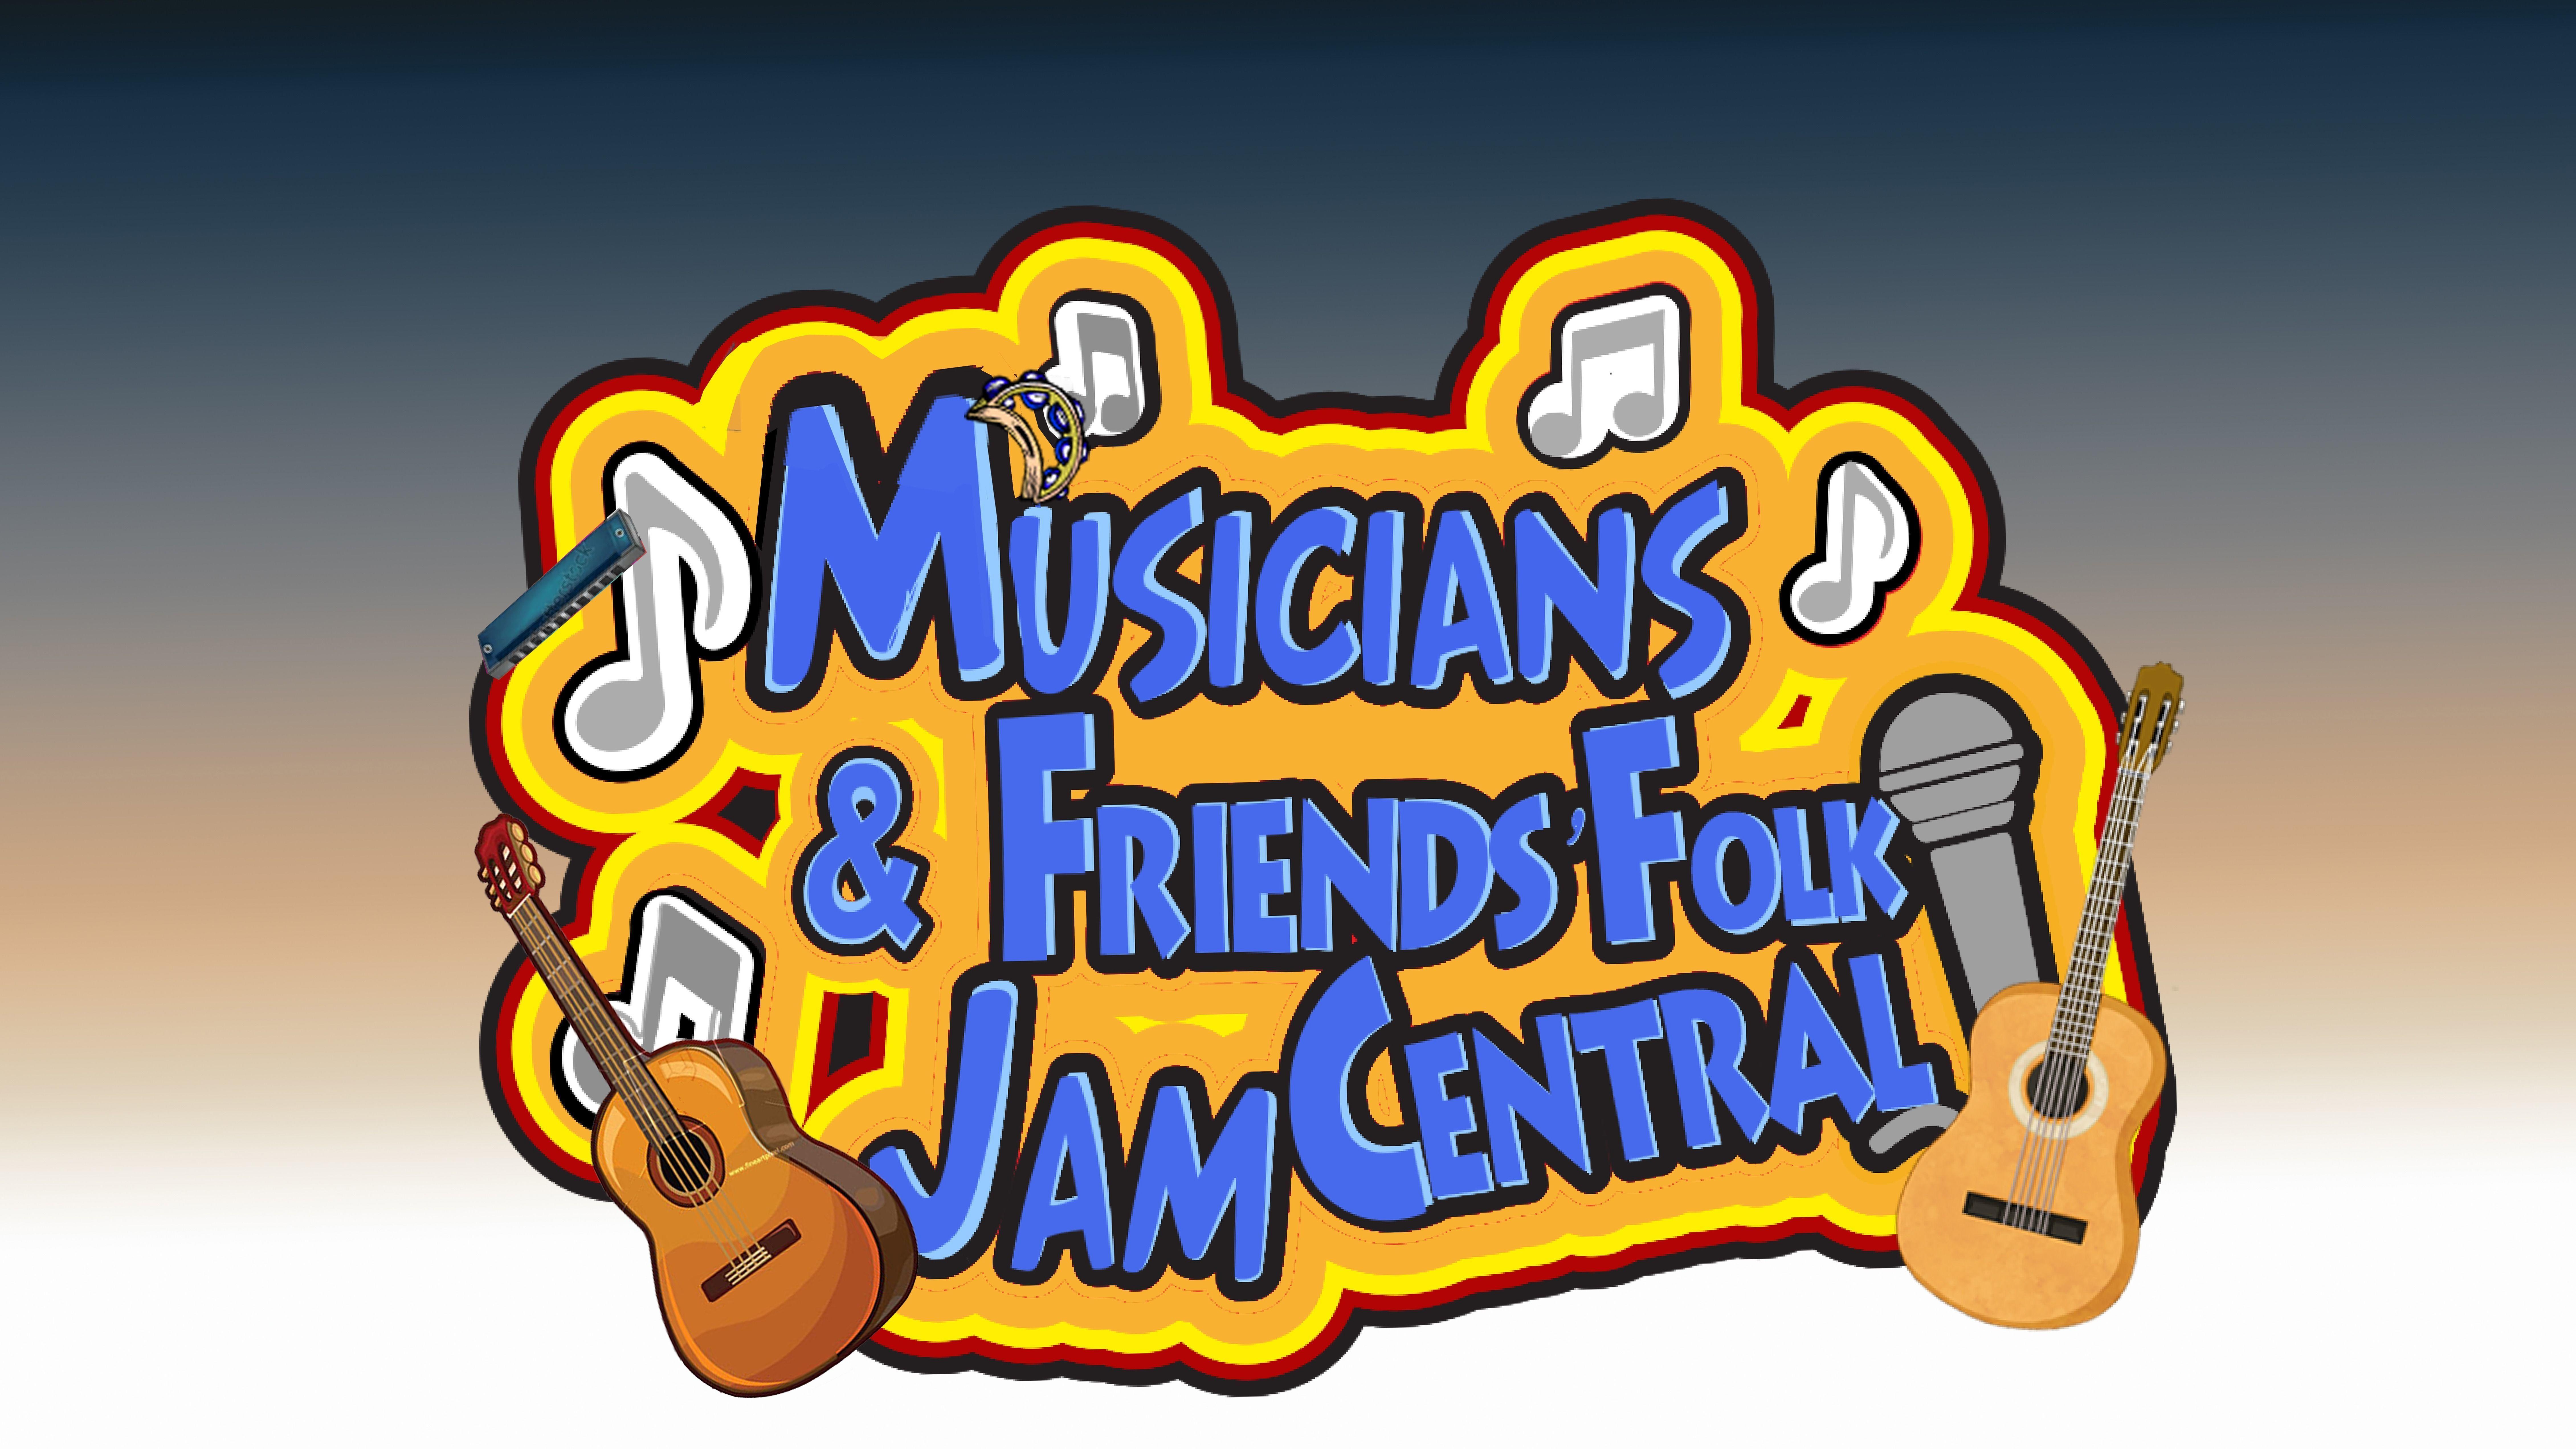 Musicians & Friends' Folk Jam Central